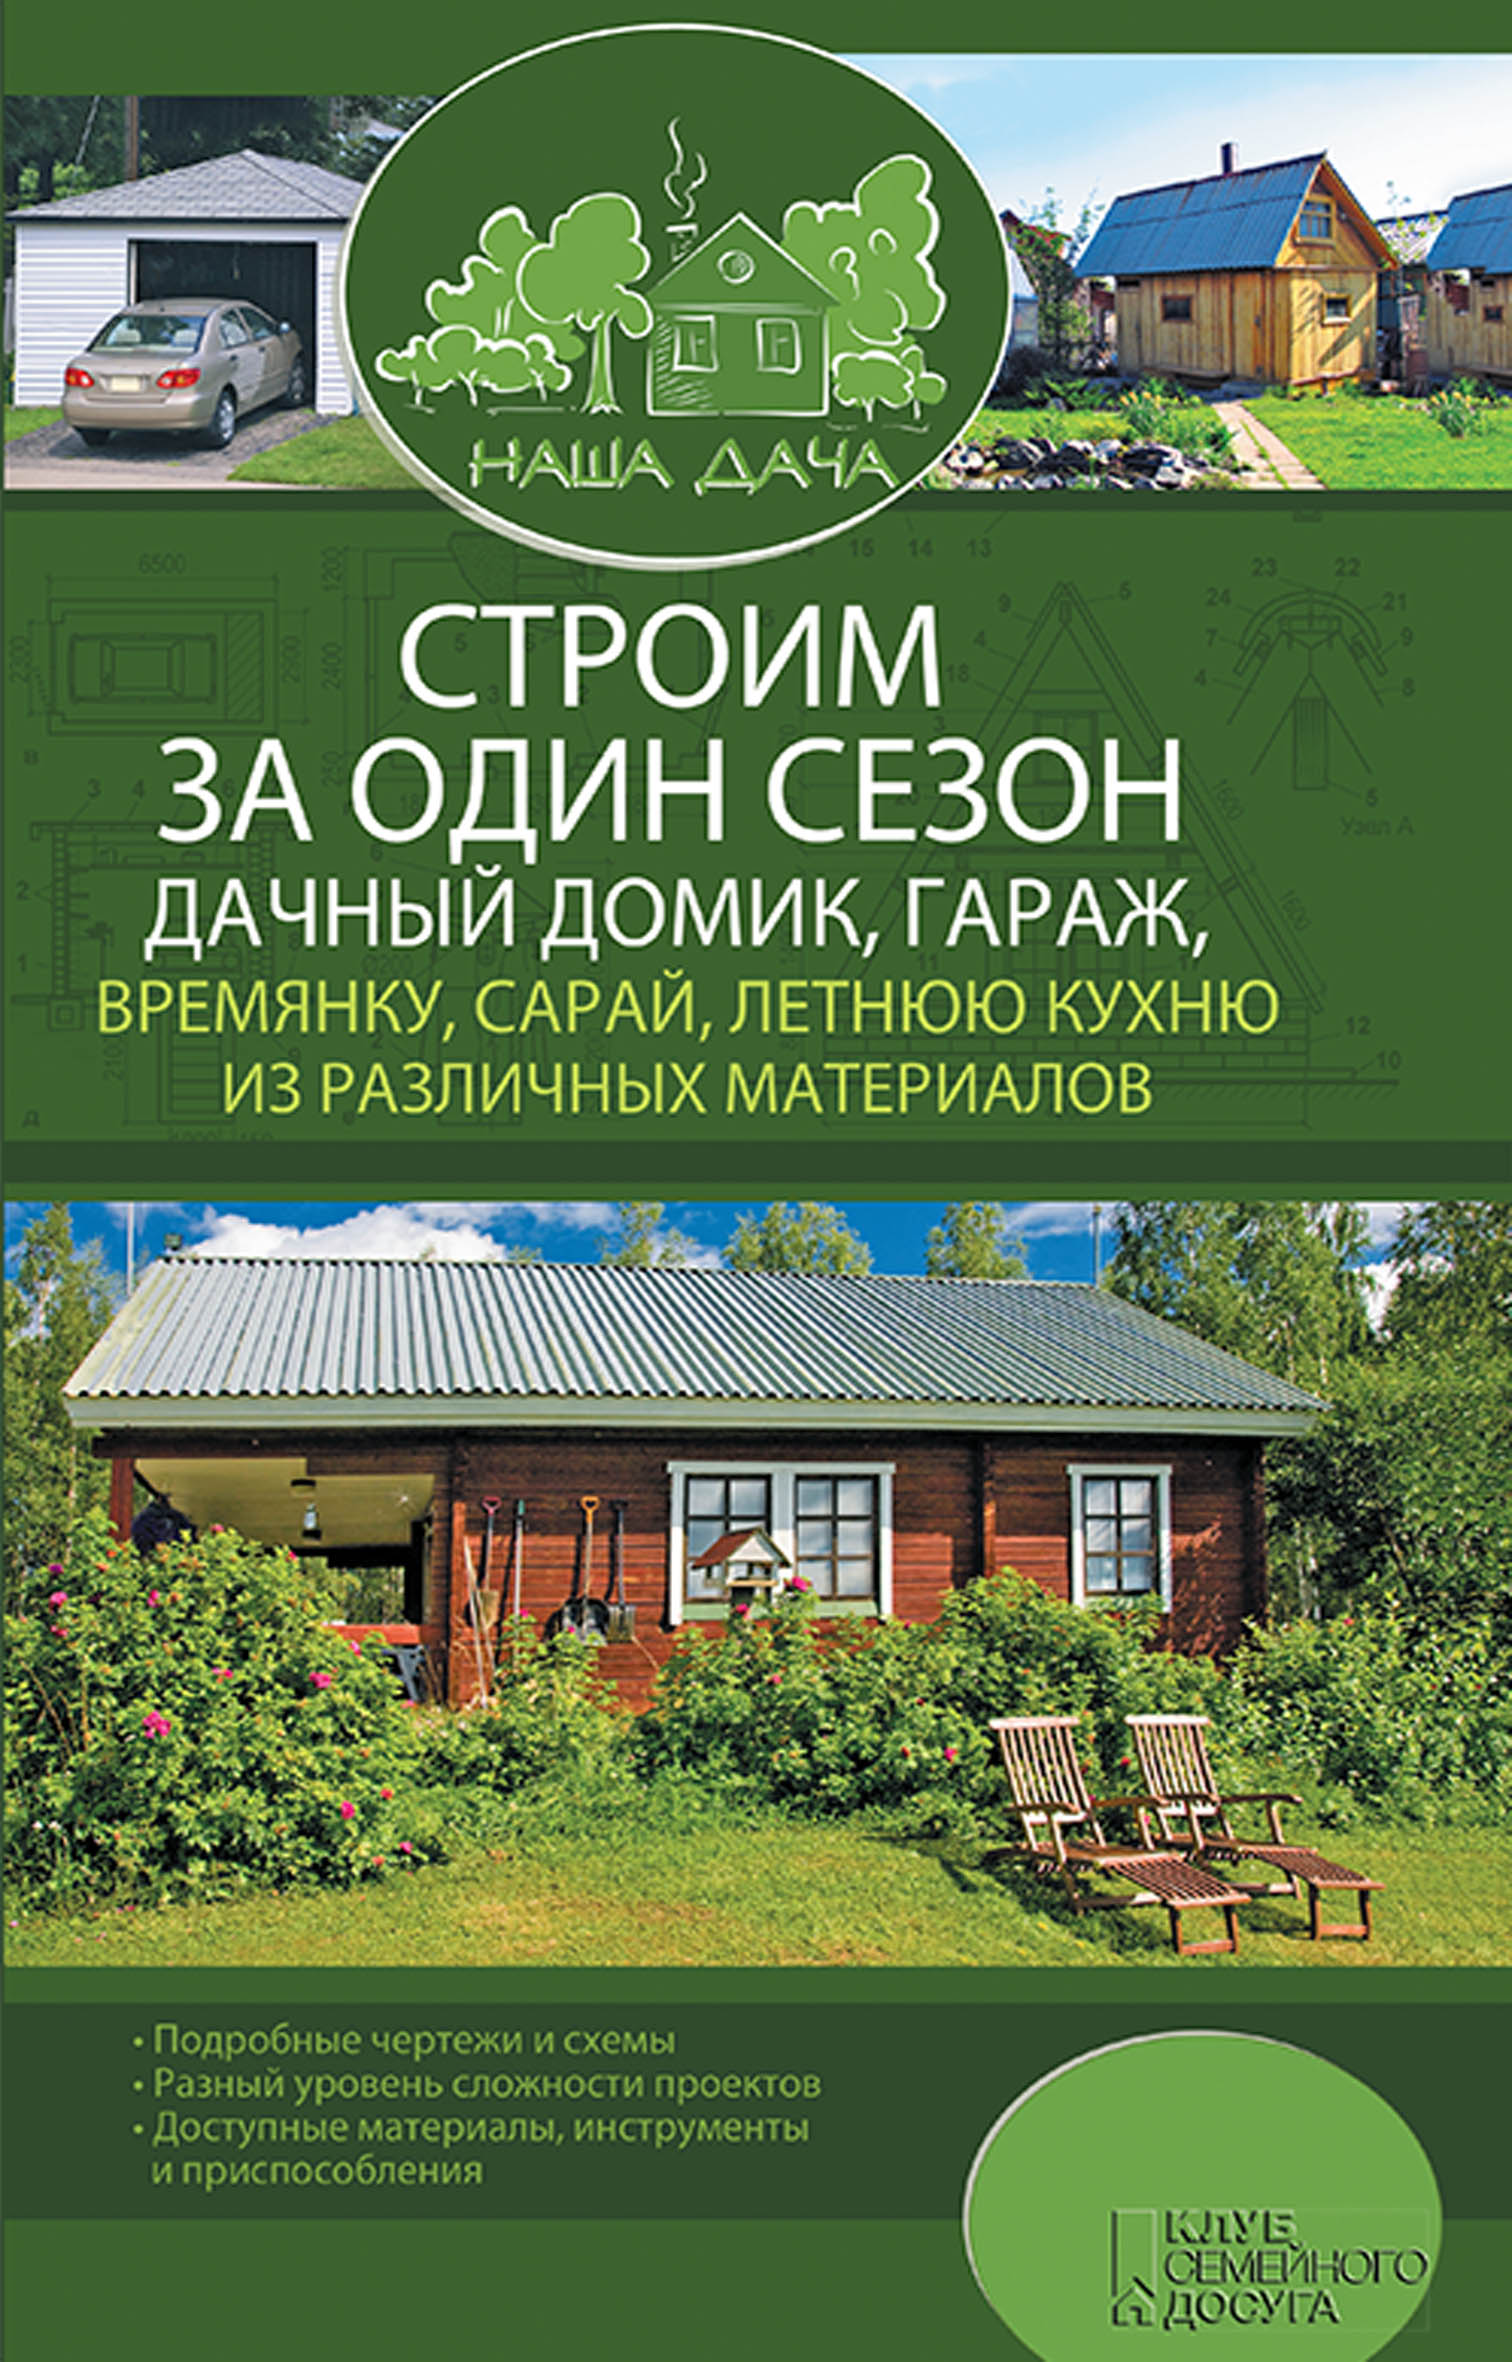 Отсутствует Строим за один сезон дачный домик, гараж, времянку, сарай, летнюю кухню из различных материалов